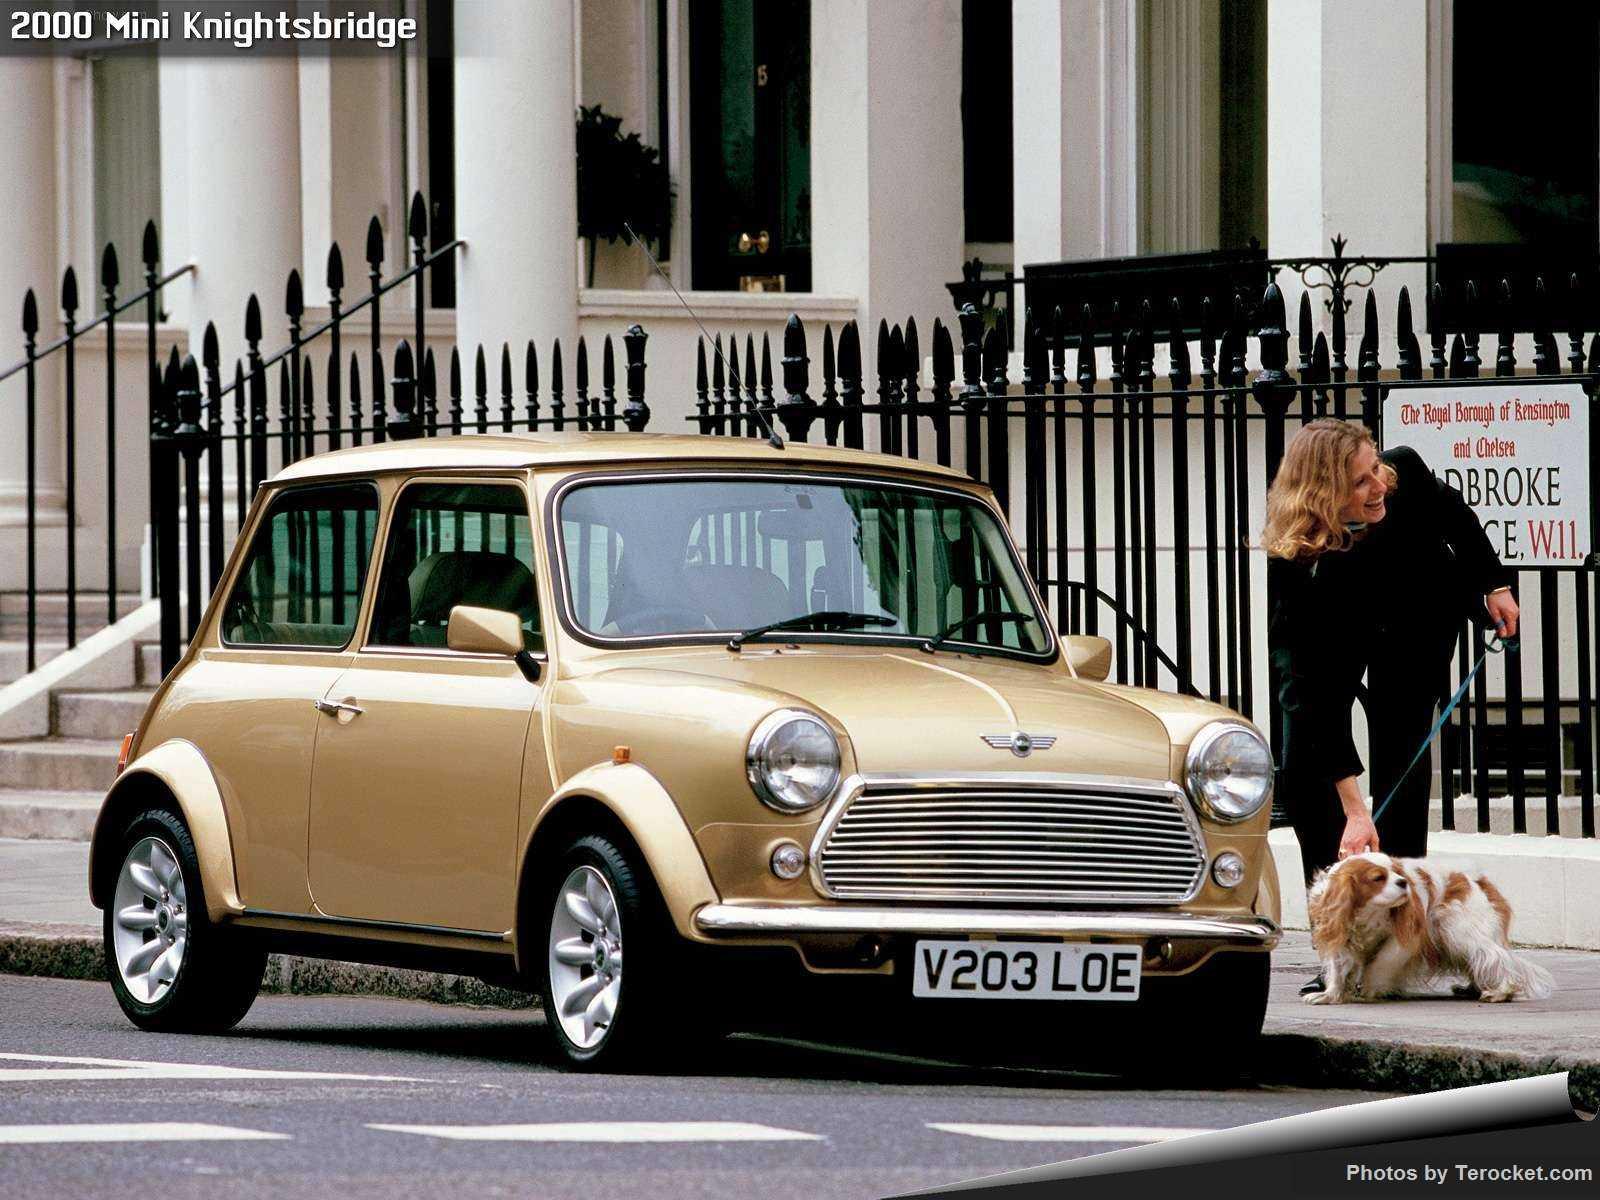 Hình ảnh xe ô tô Mini Knightsbridge 2000 & nội ngoại thất